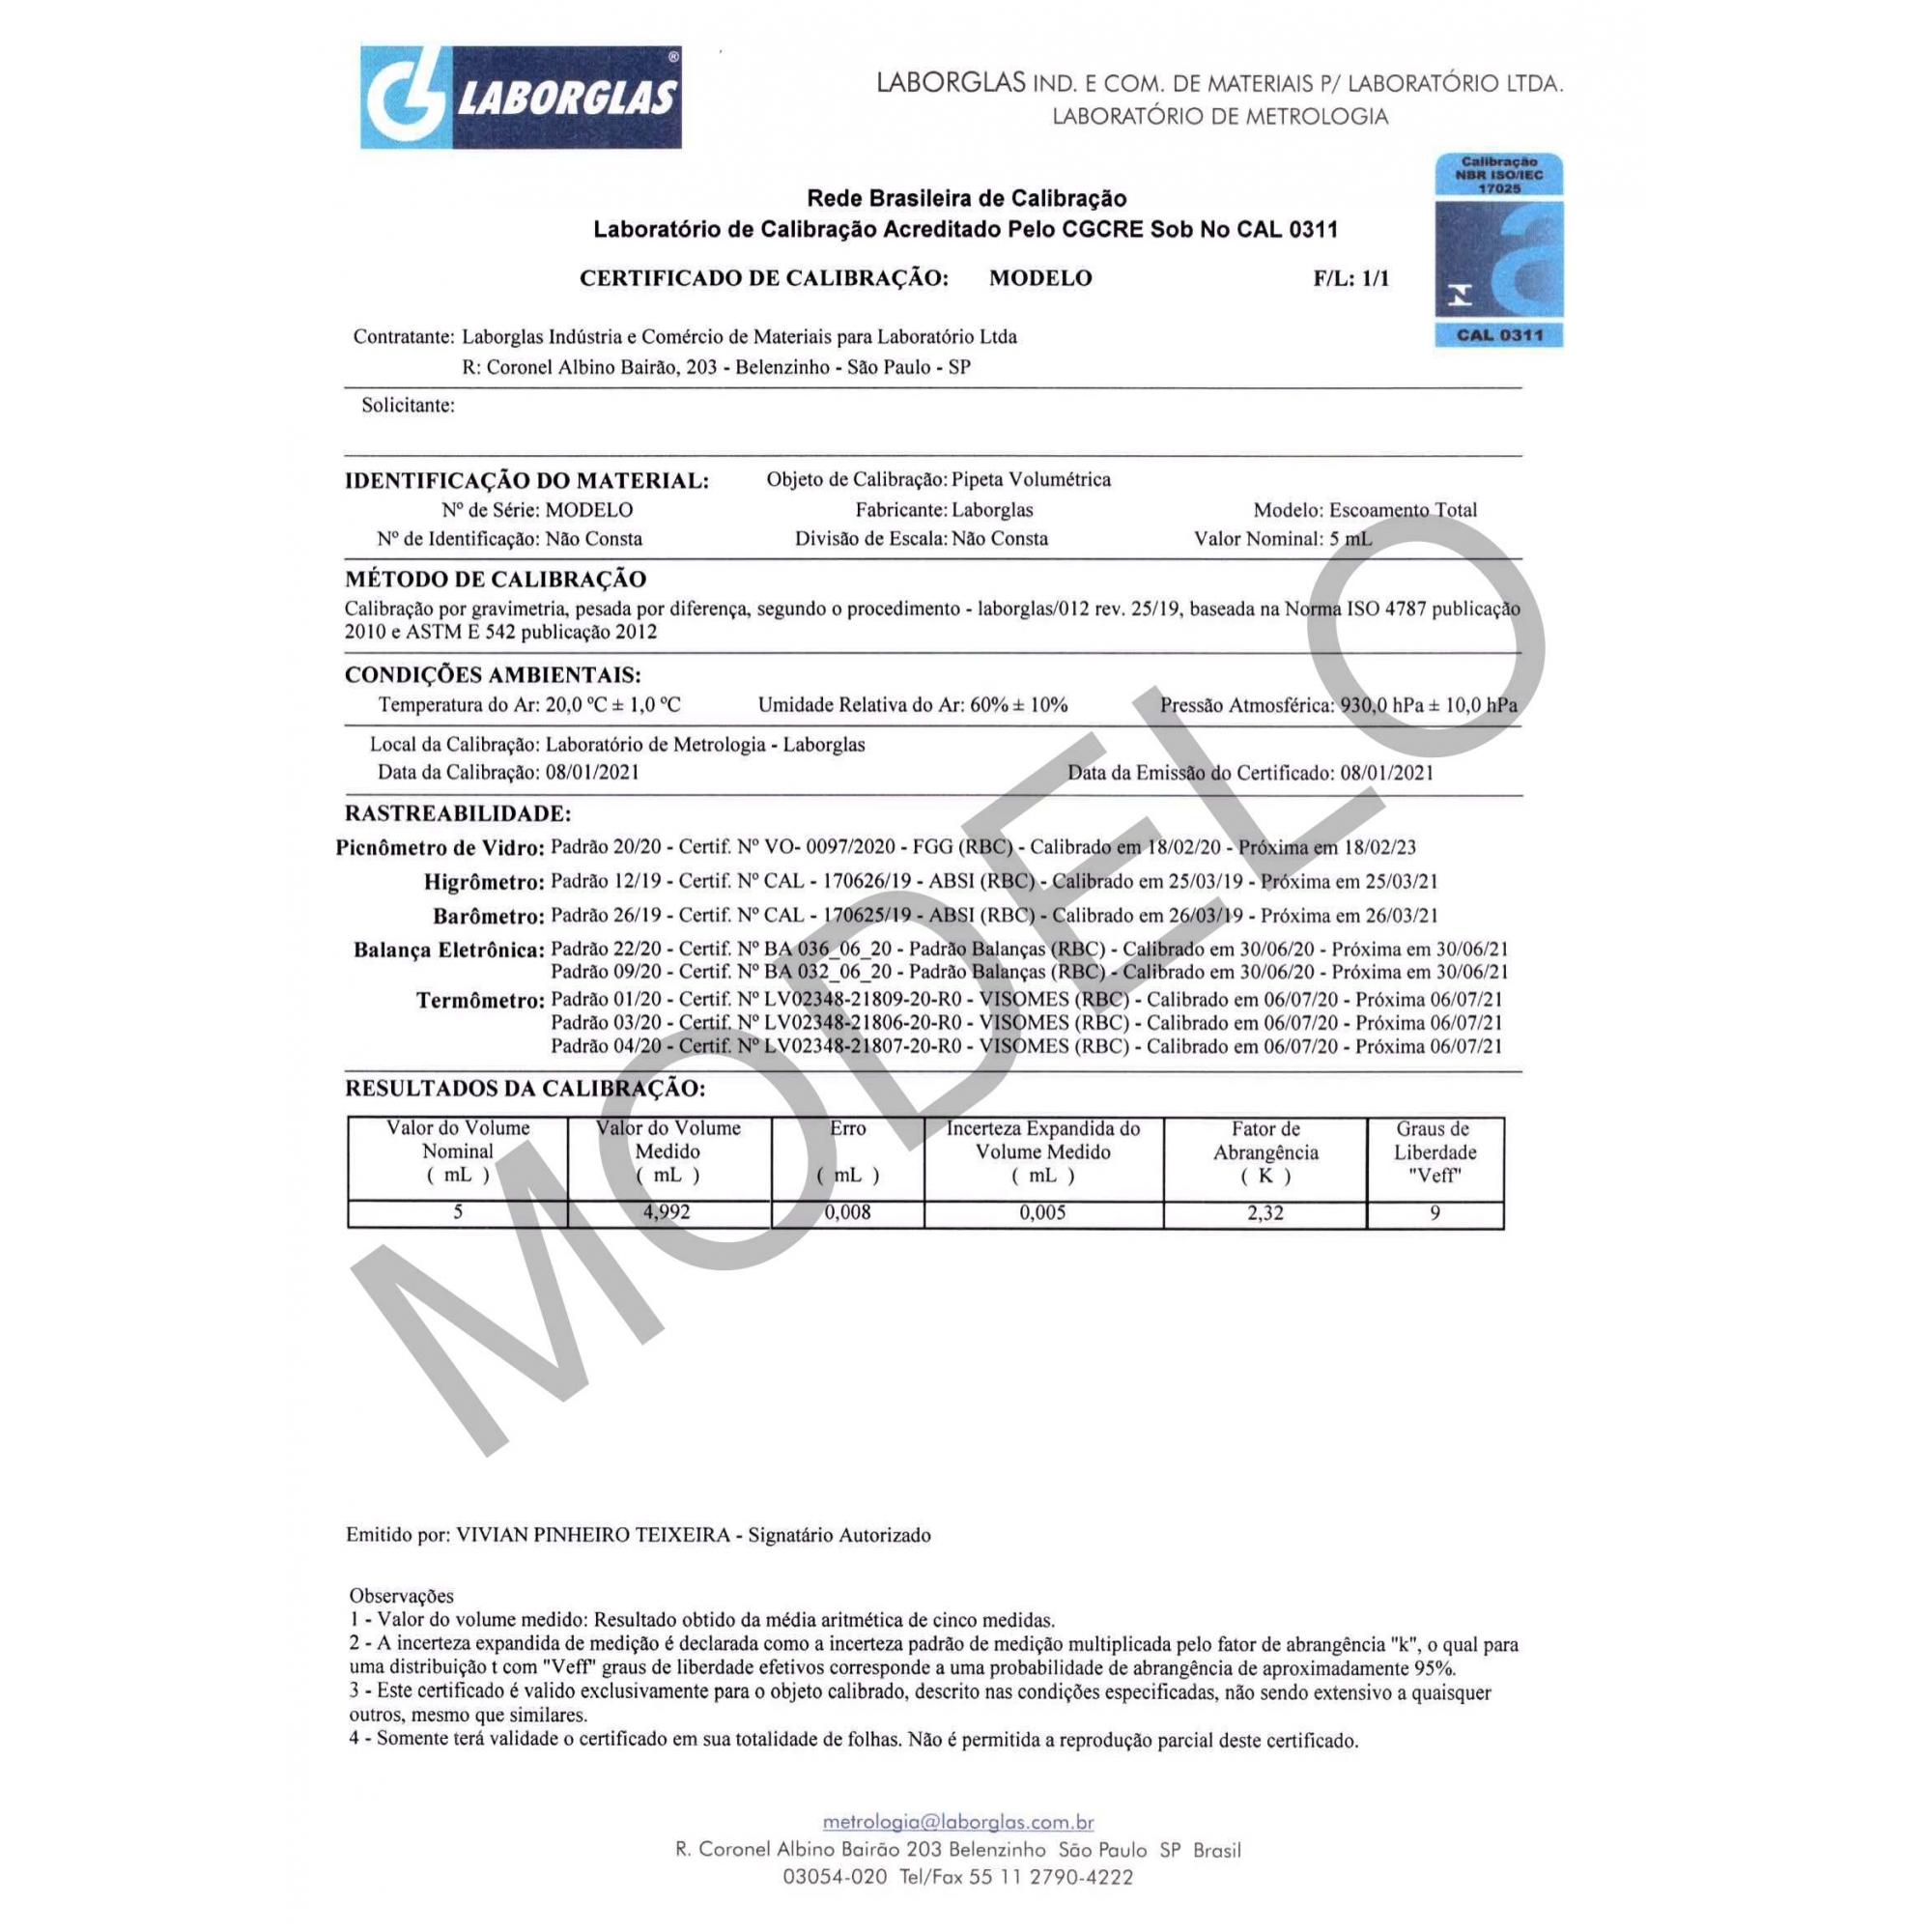 PIPETA VOLUMÉTRICA ESGOTAMENTO TOTAL CLASSE A  5 ML COM CERTIFICADO RBC - Laborglas - Cód. 9433806-R